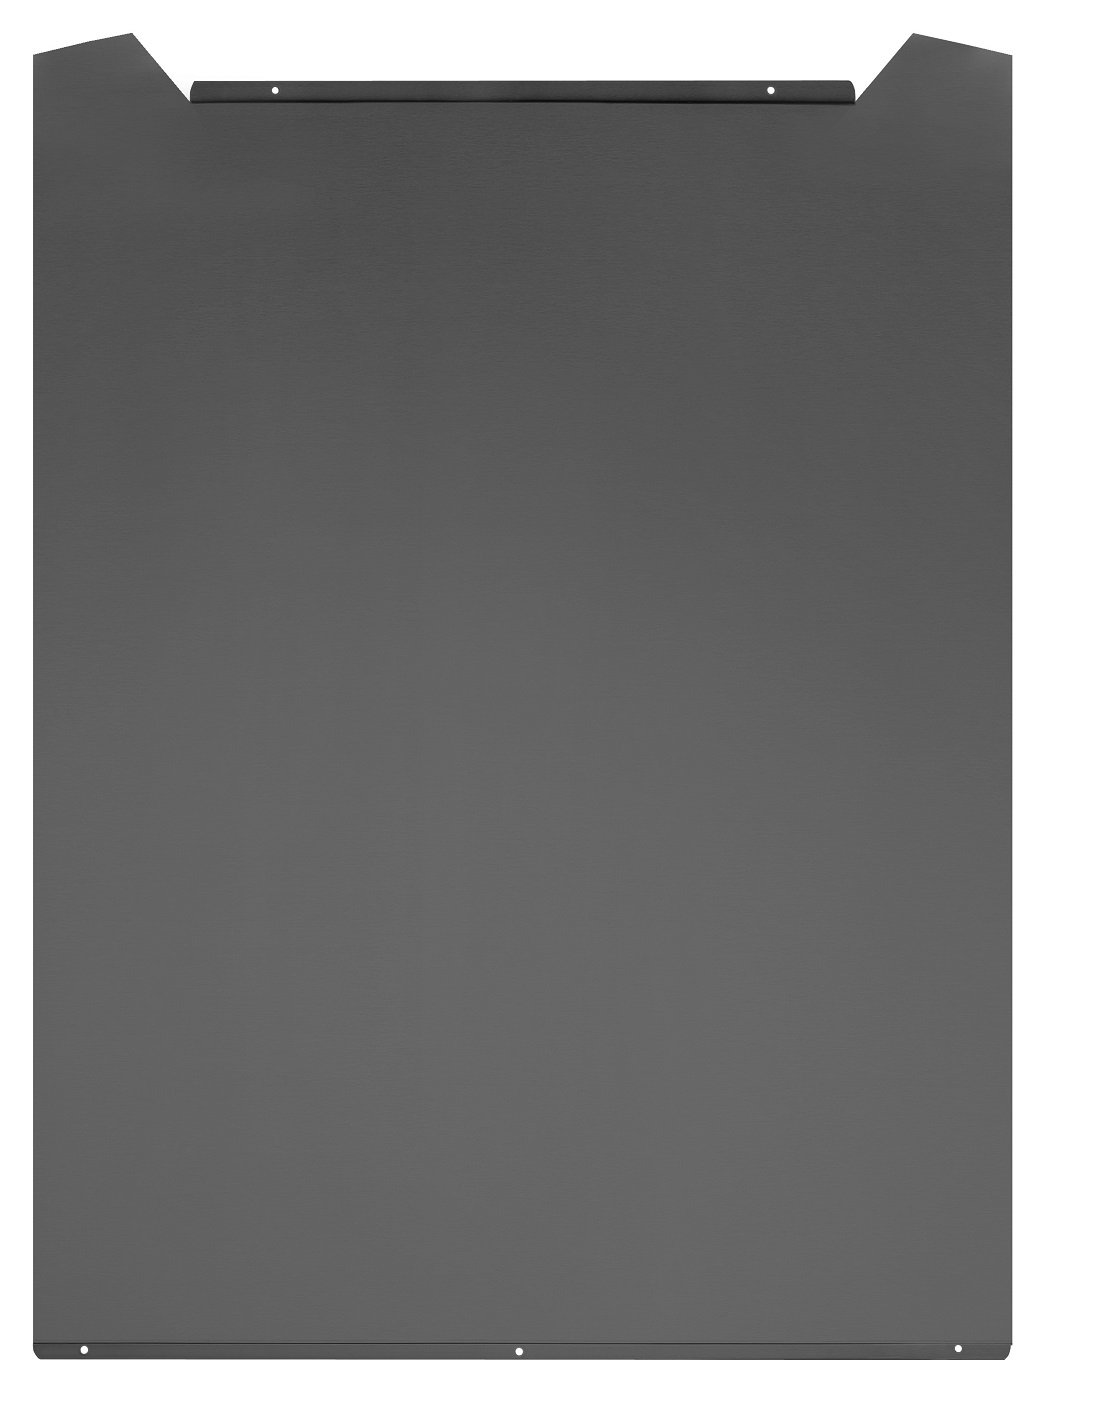 Cookology SBC600BK Curved Steel Splashback to fit 60cm Curved Glass Hood in Black